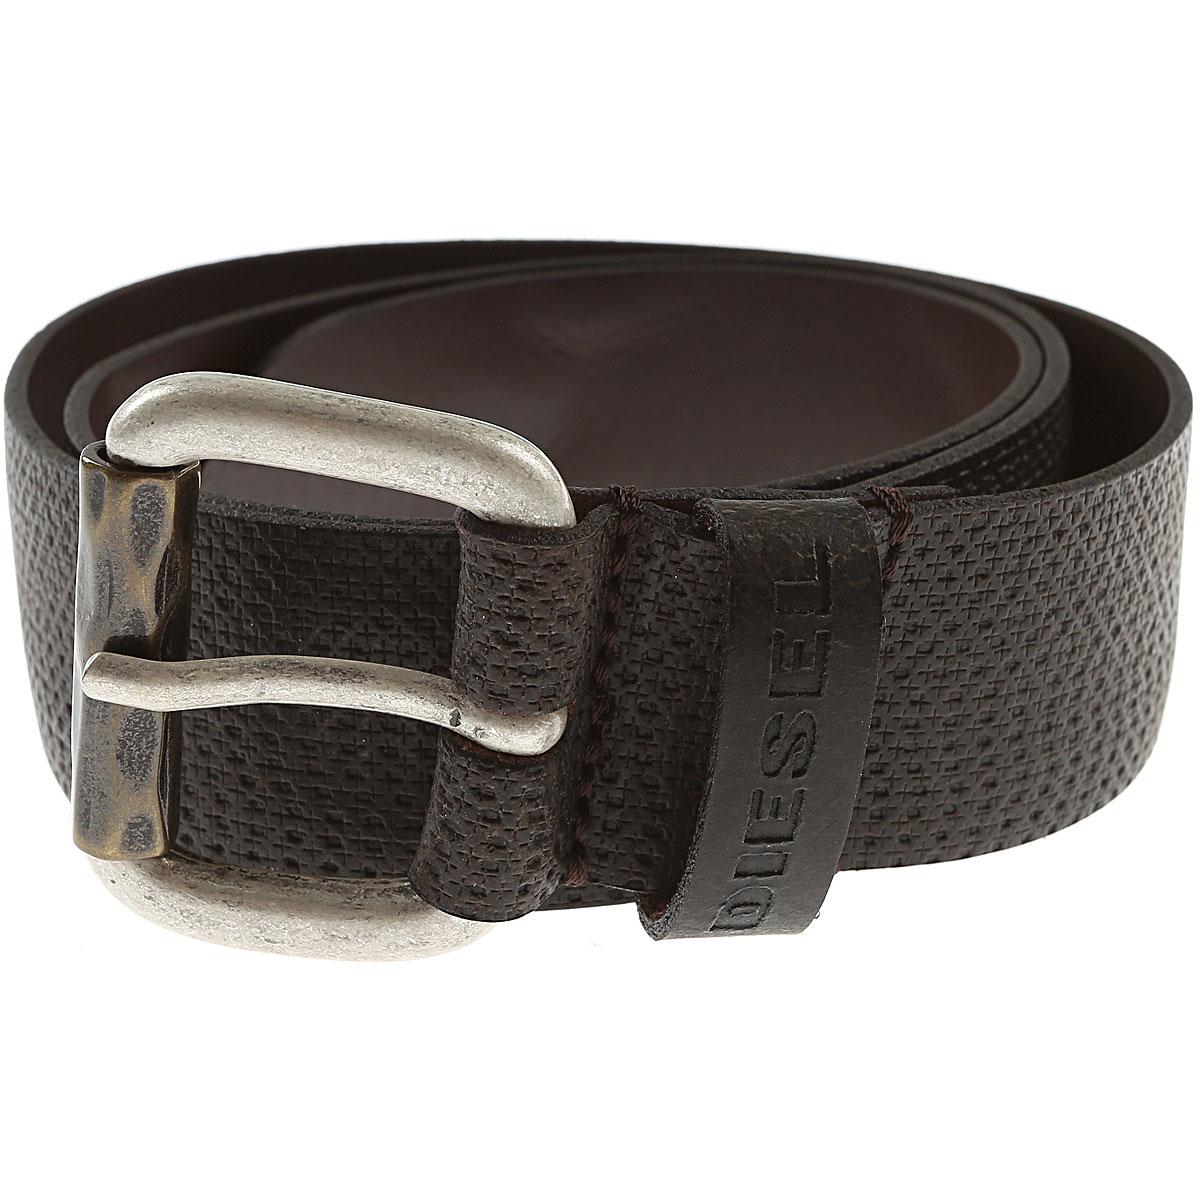 Diesel Mens Belts On Sale, Dark Brown, Cow Leather, 2019, 100 95